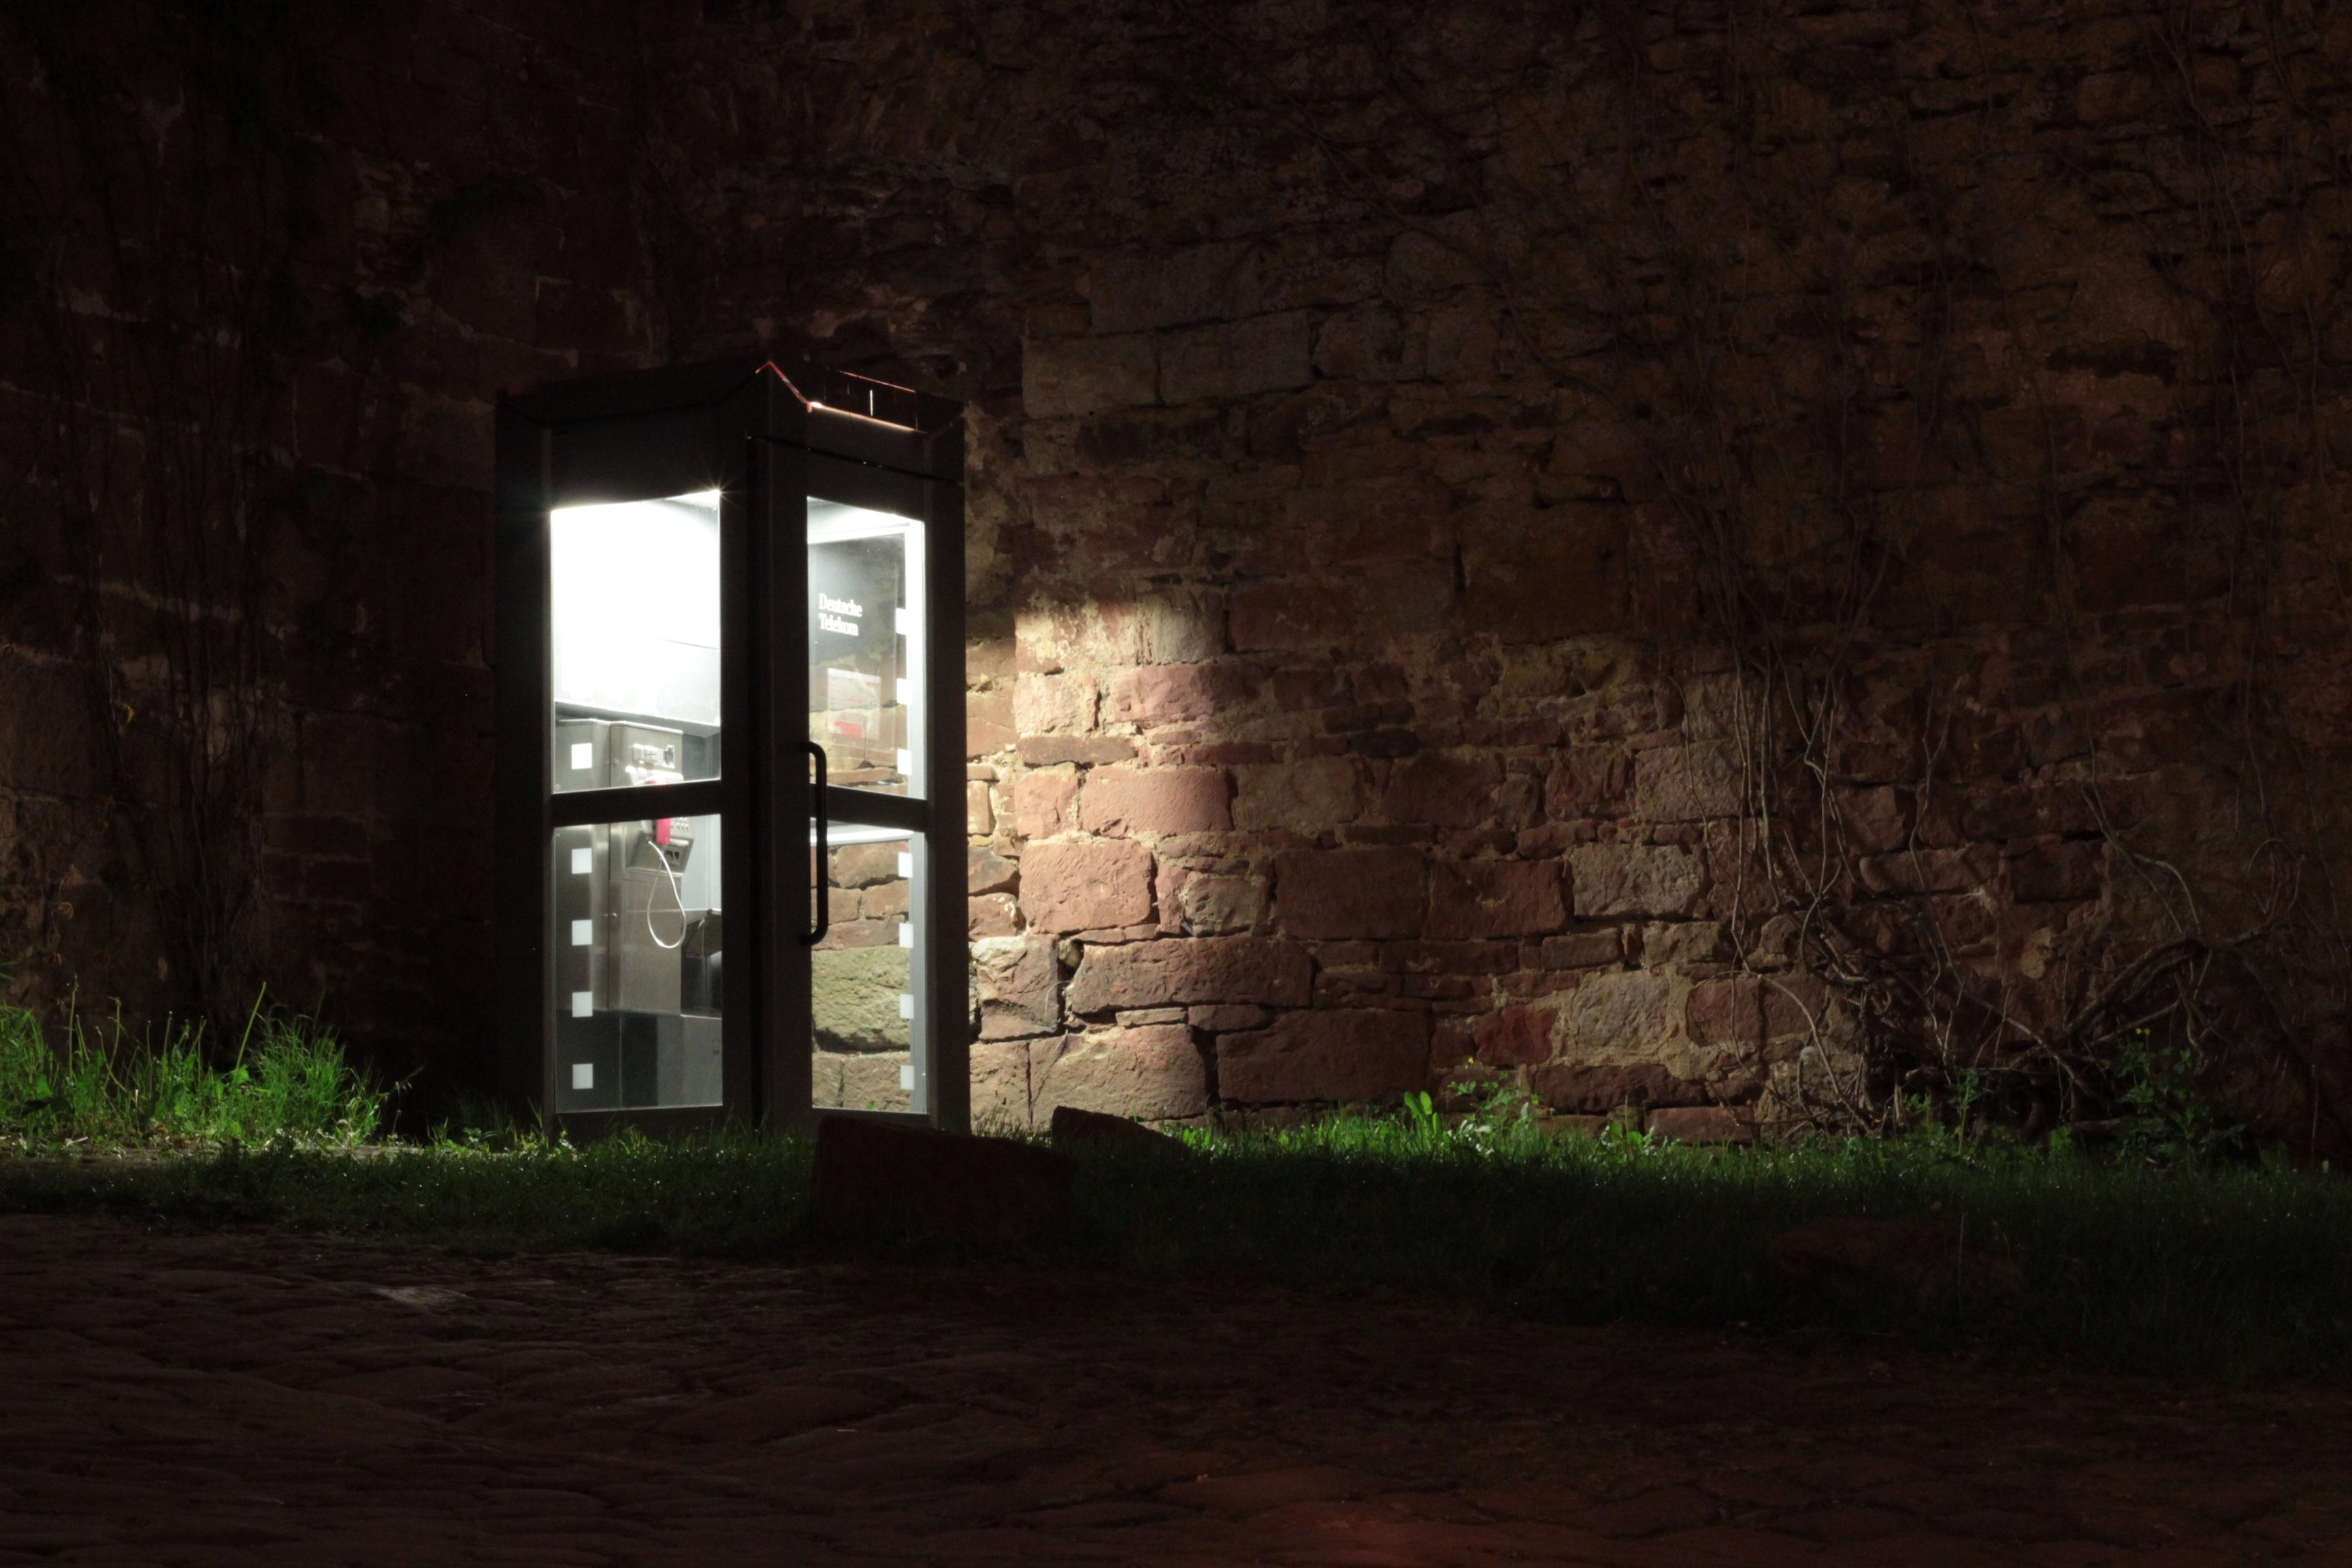 Haus Beleuchten kostenlose foto gras licht die architektur holz nacht haus